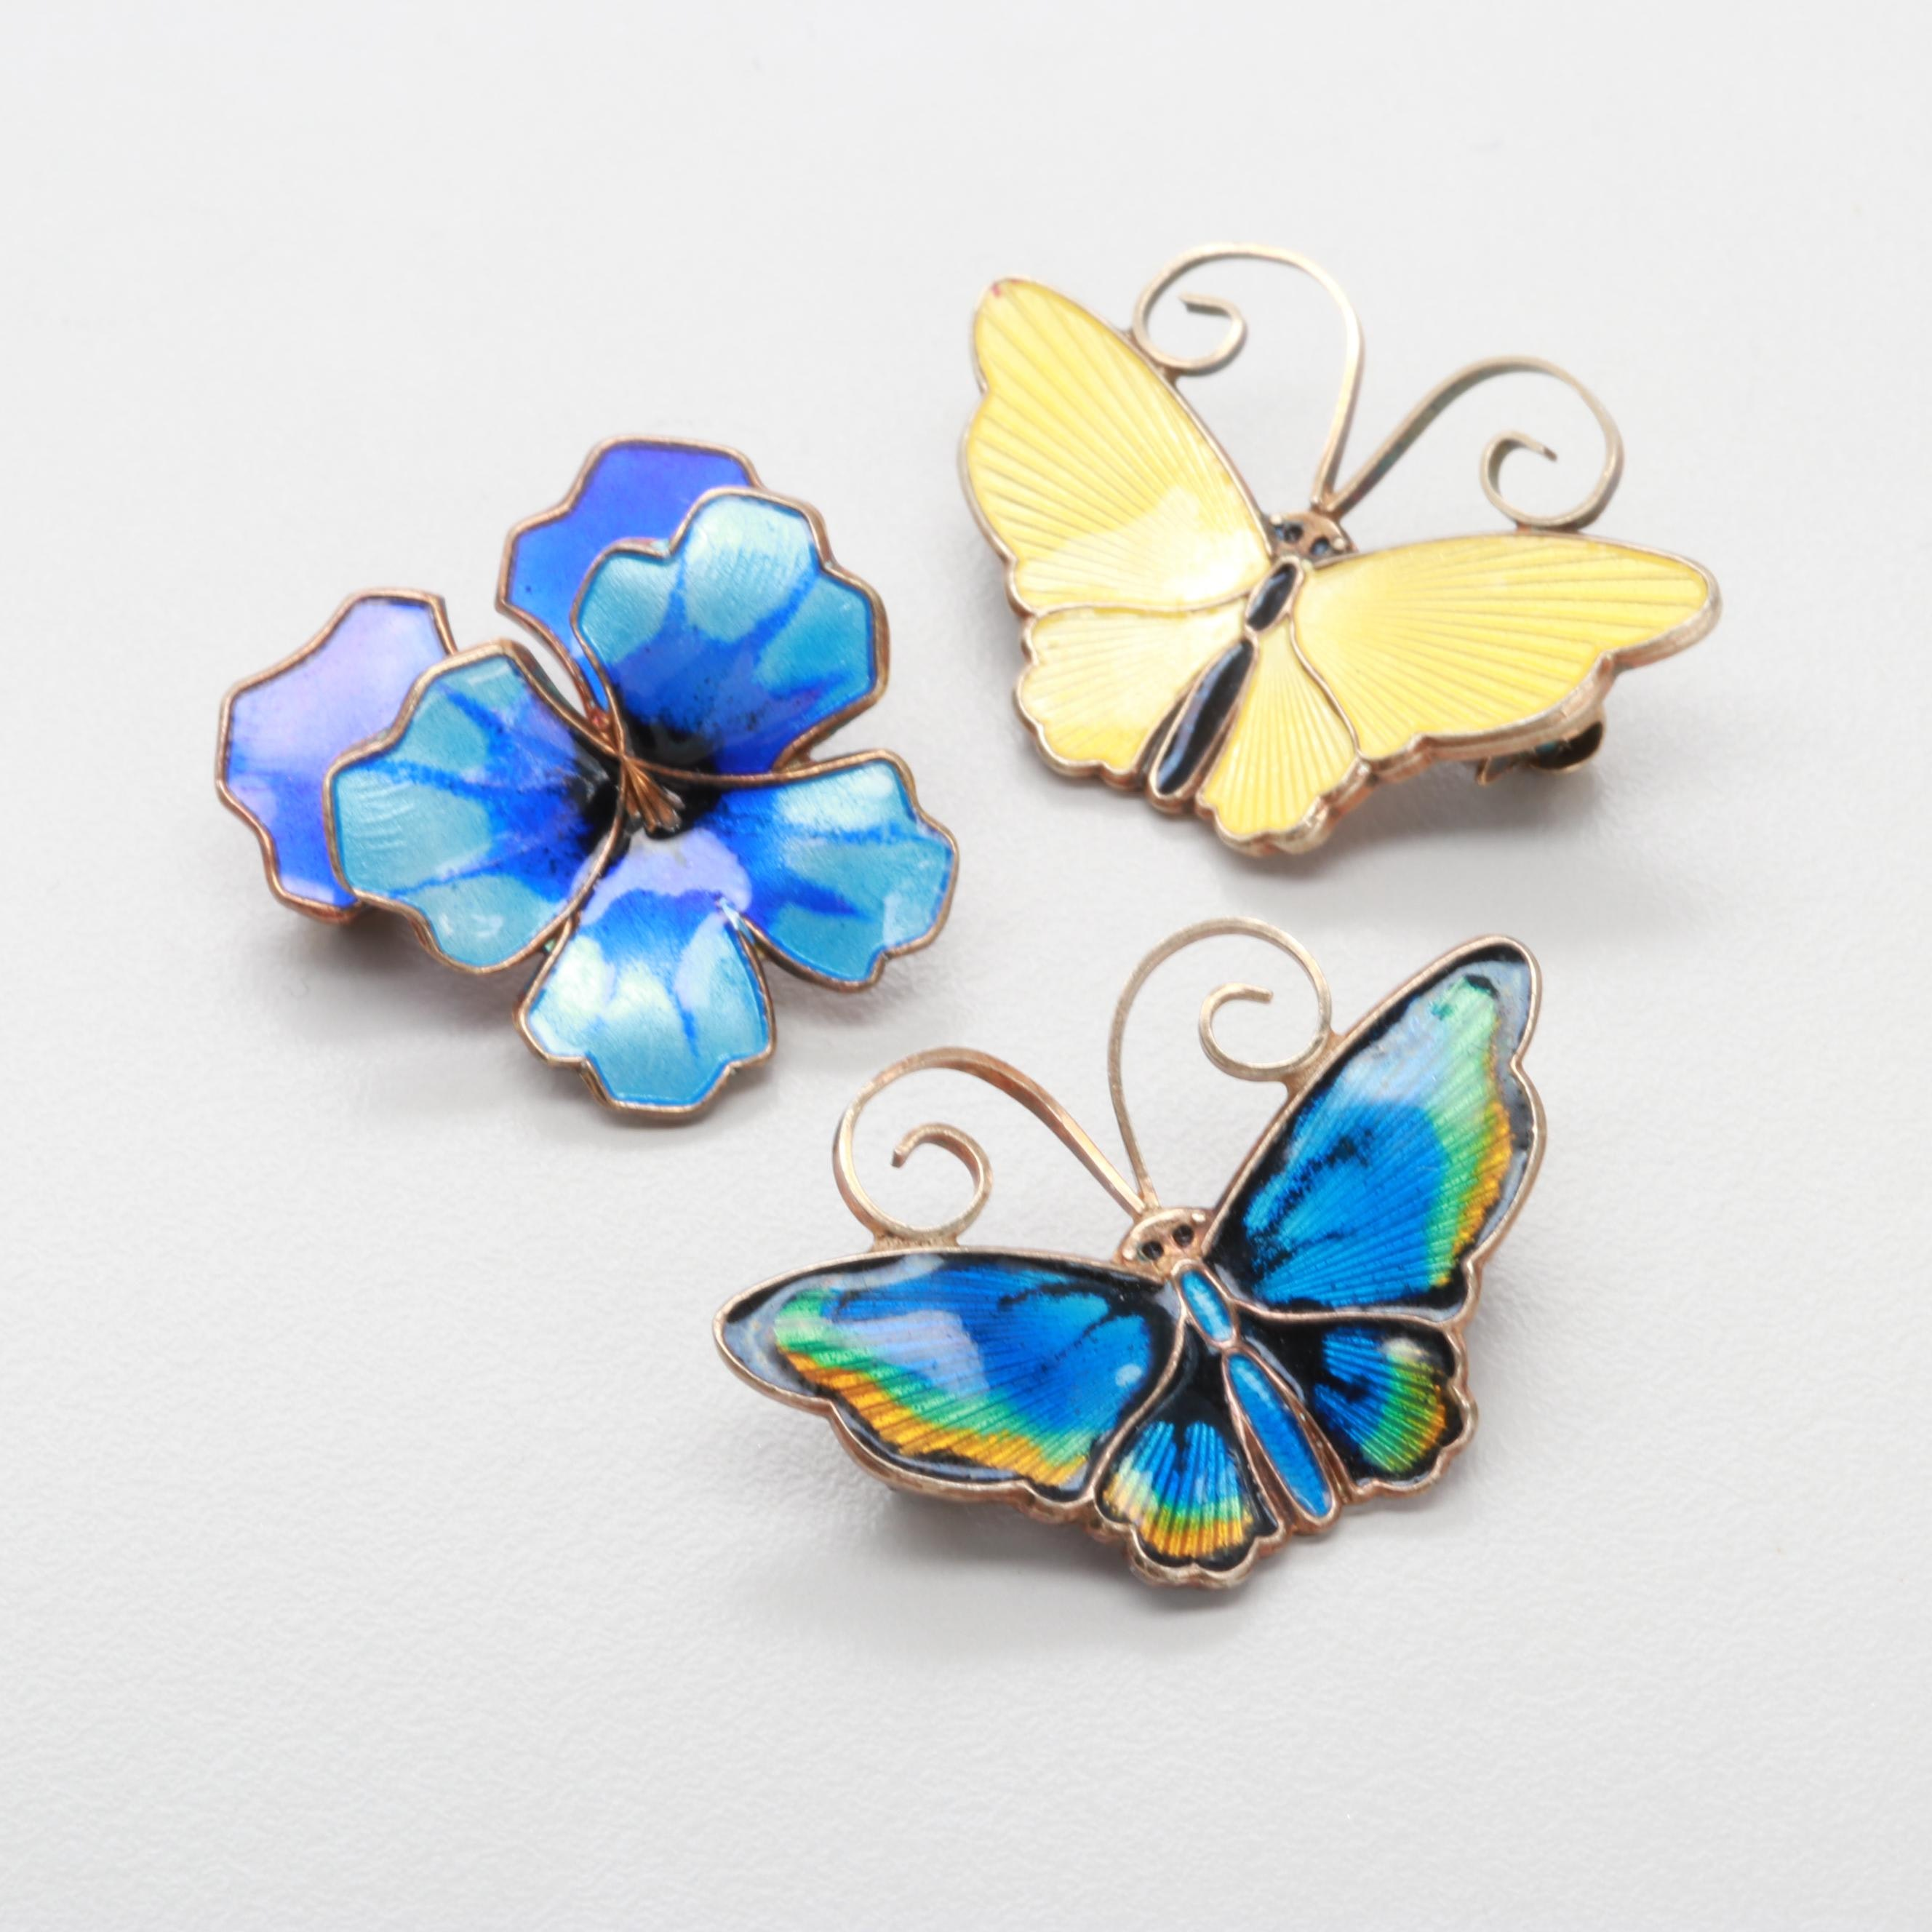 David Andersen Sterling Silver Guilloché Enamel Butterfly Brooches